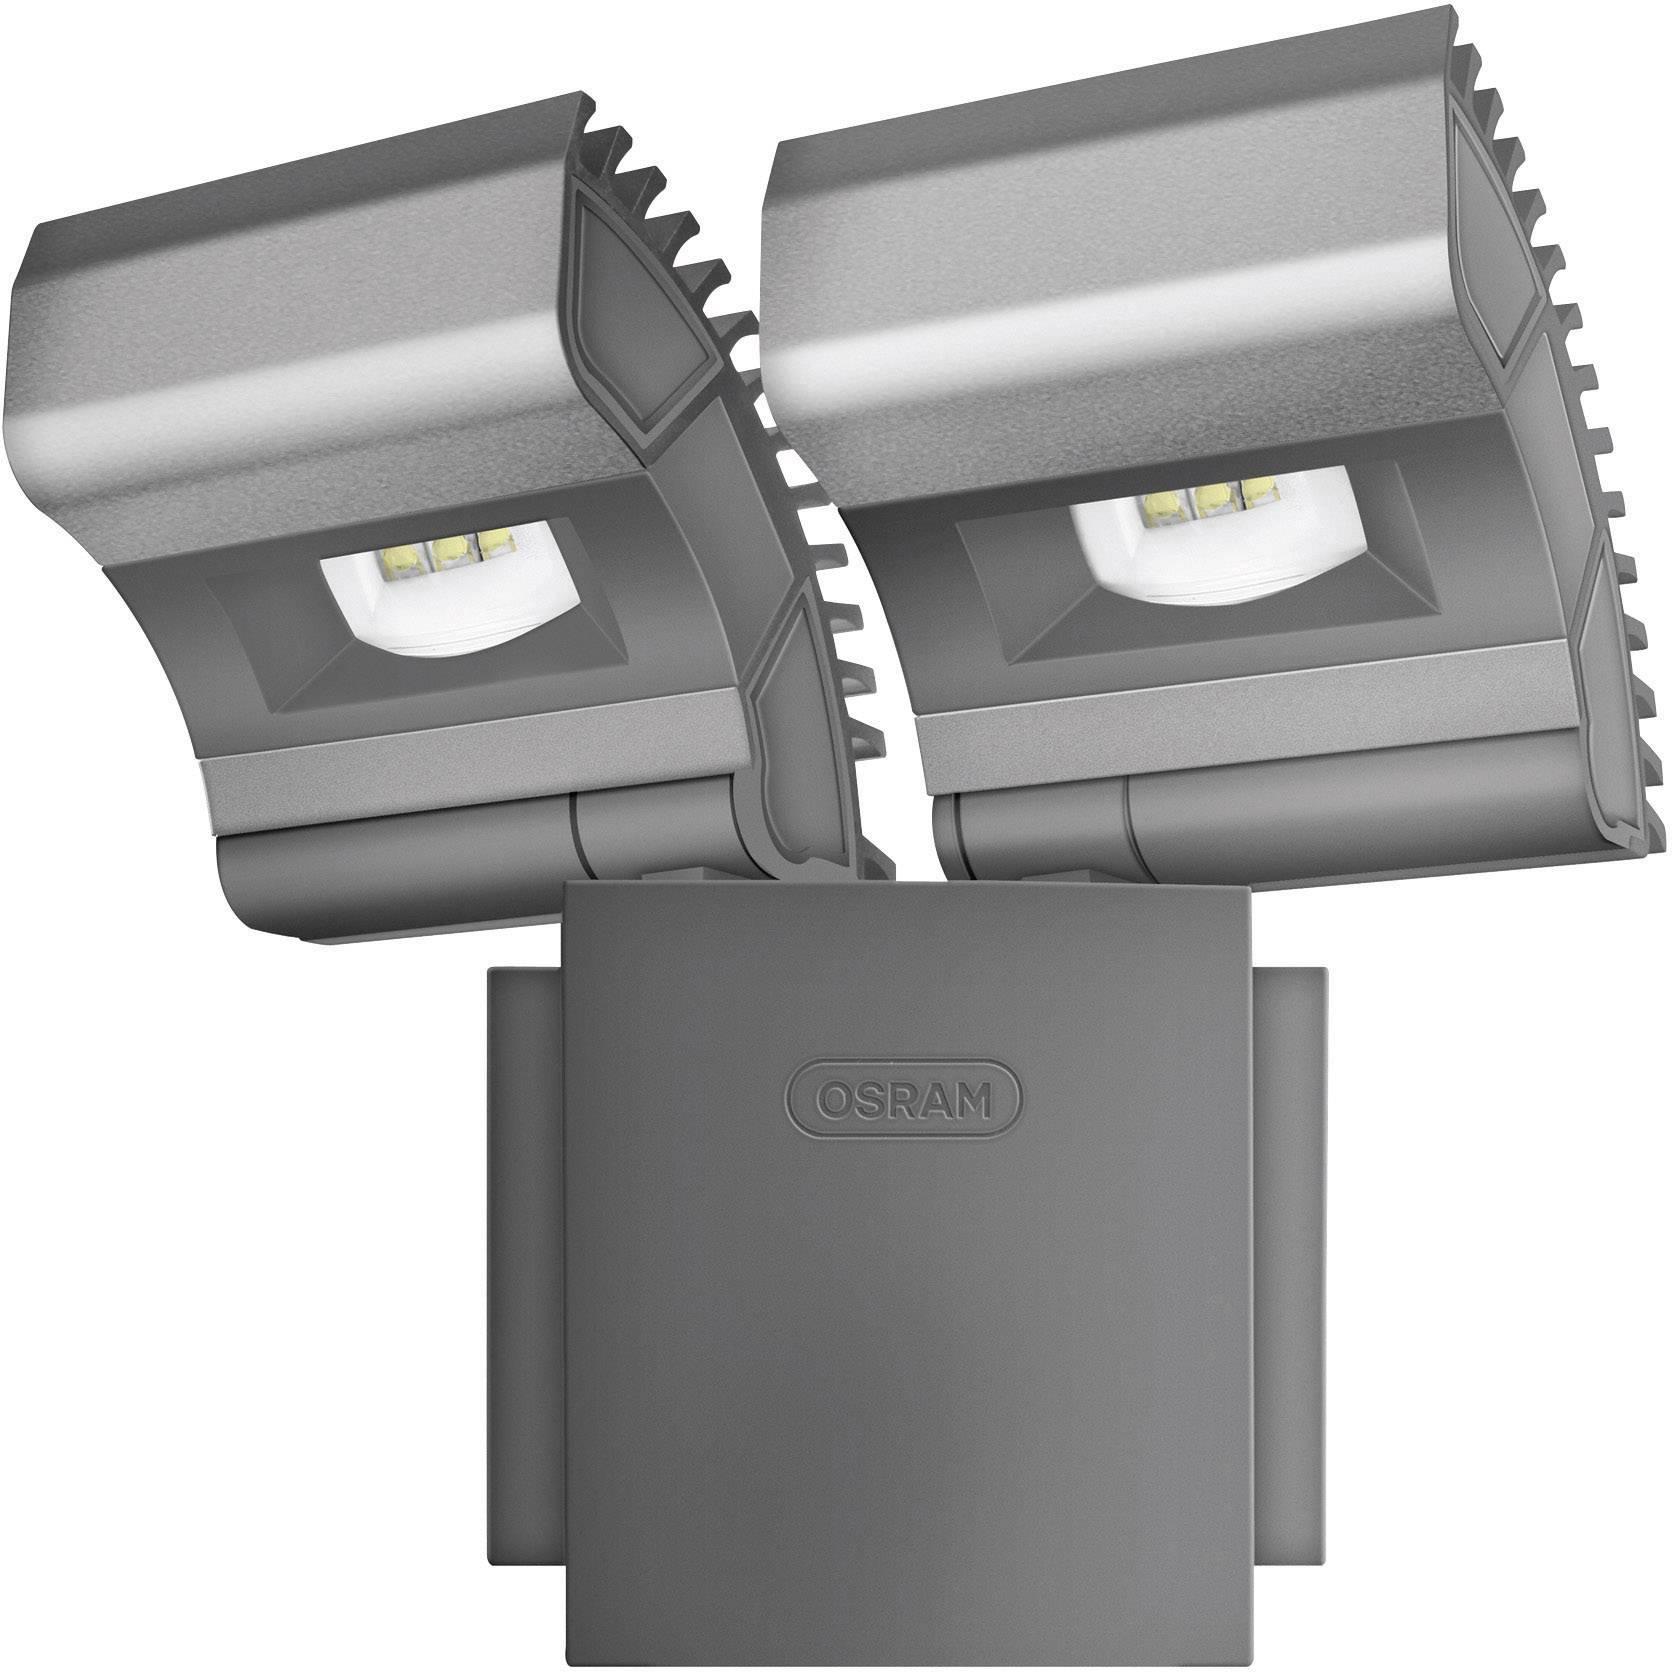 Dvojitý LED reflektor Osram Noxlite, 2x 8 W, čierny